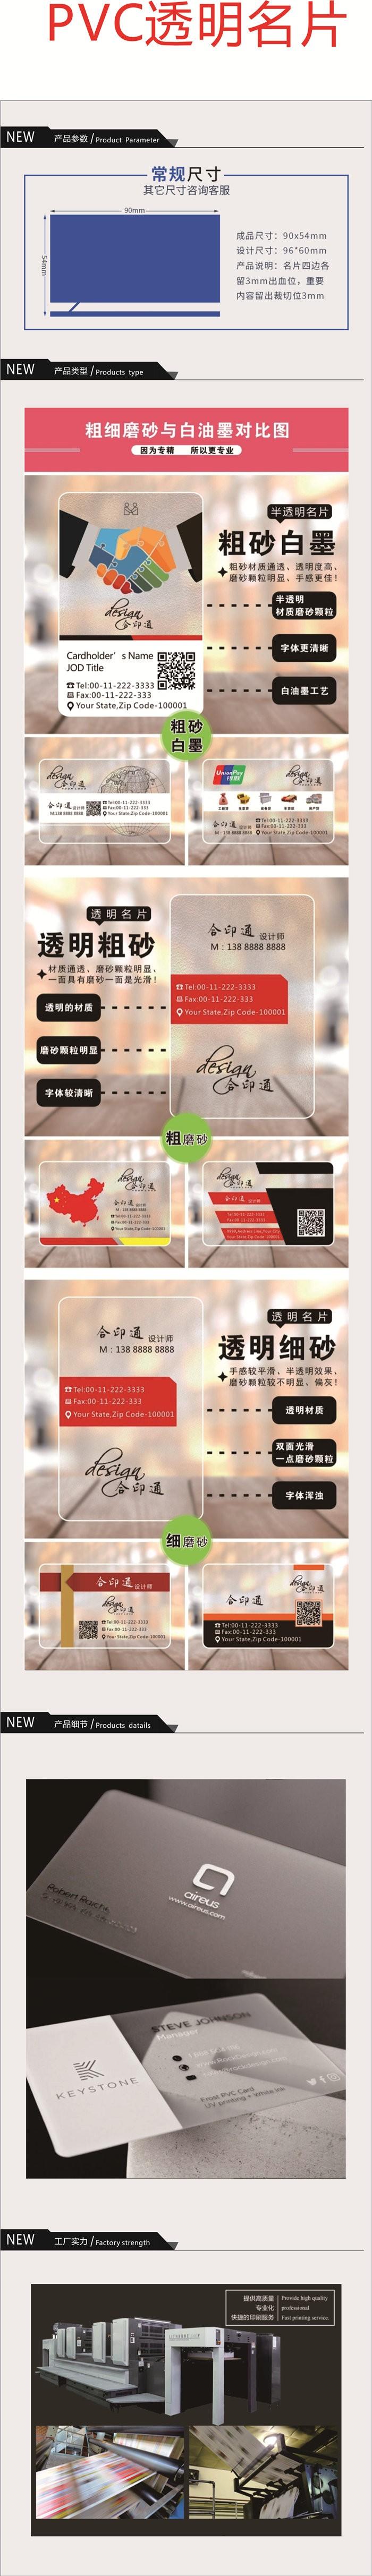 重庆PVC透明名片